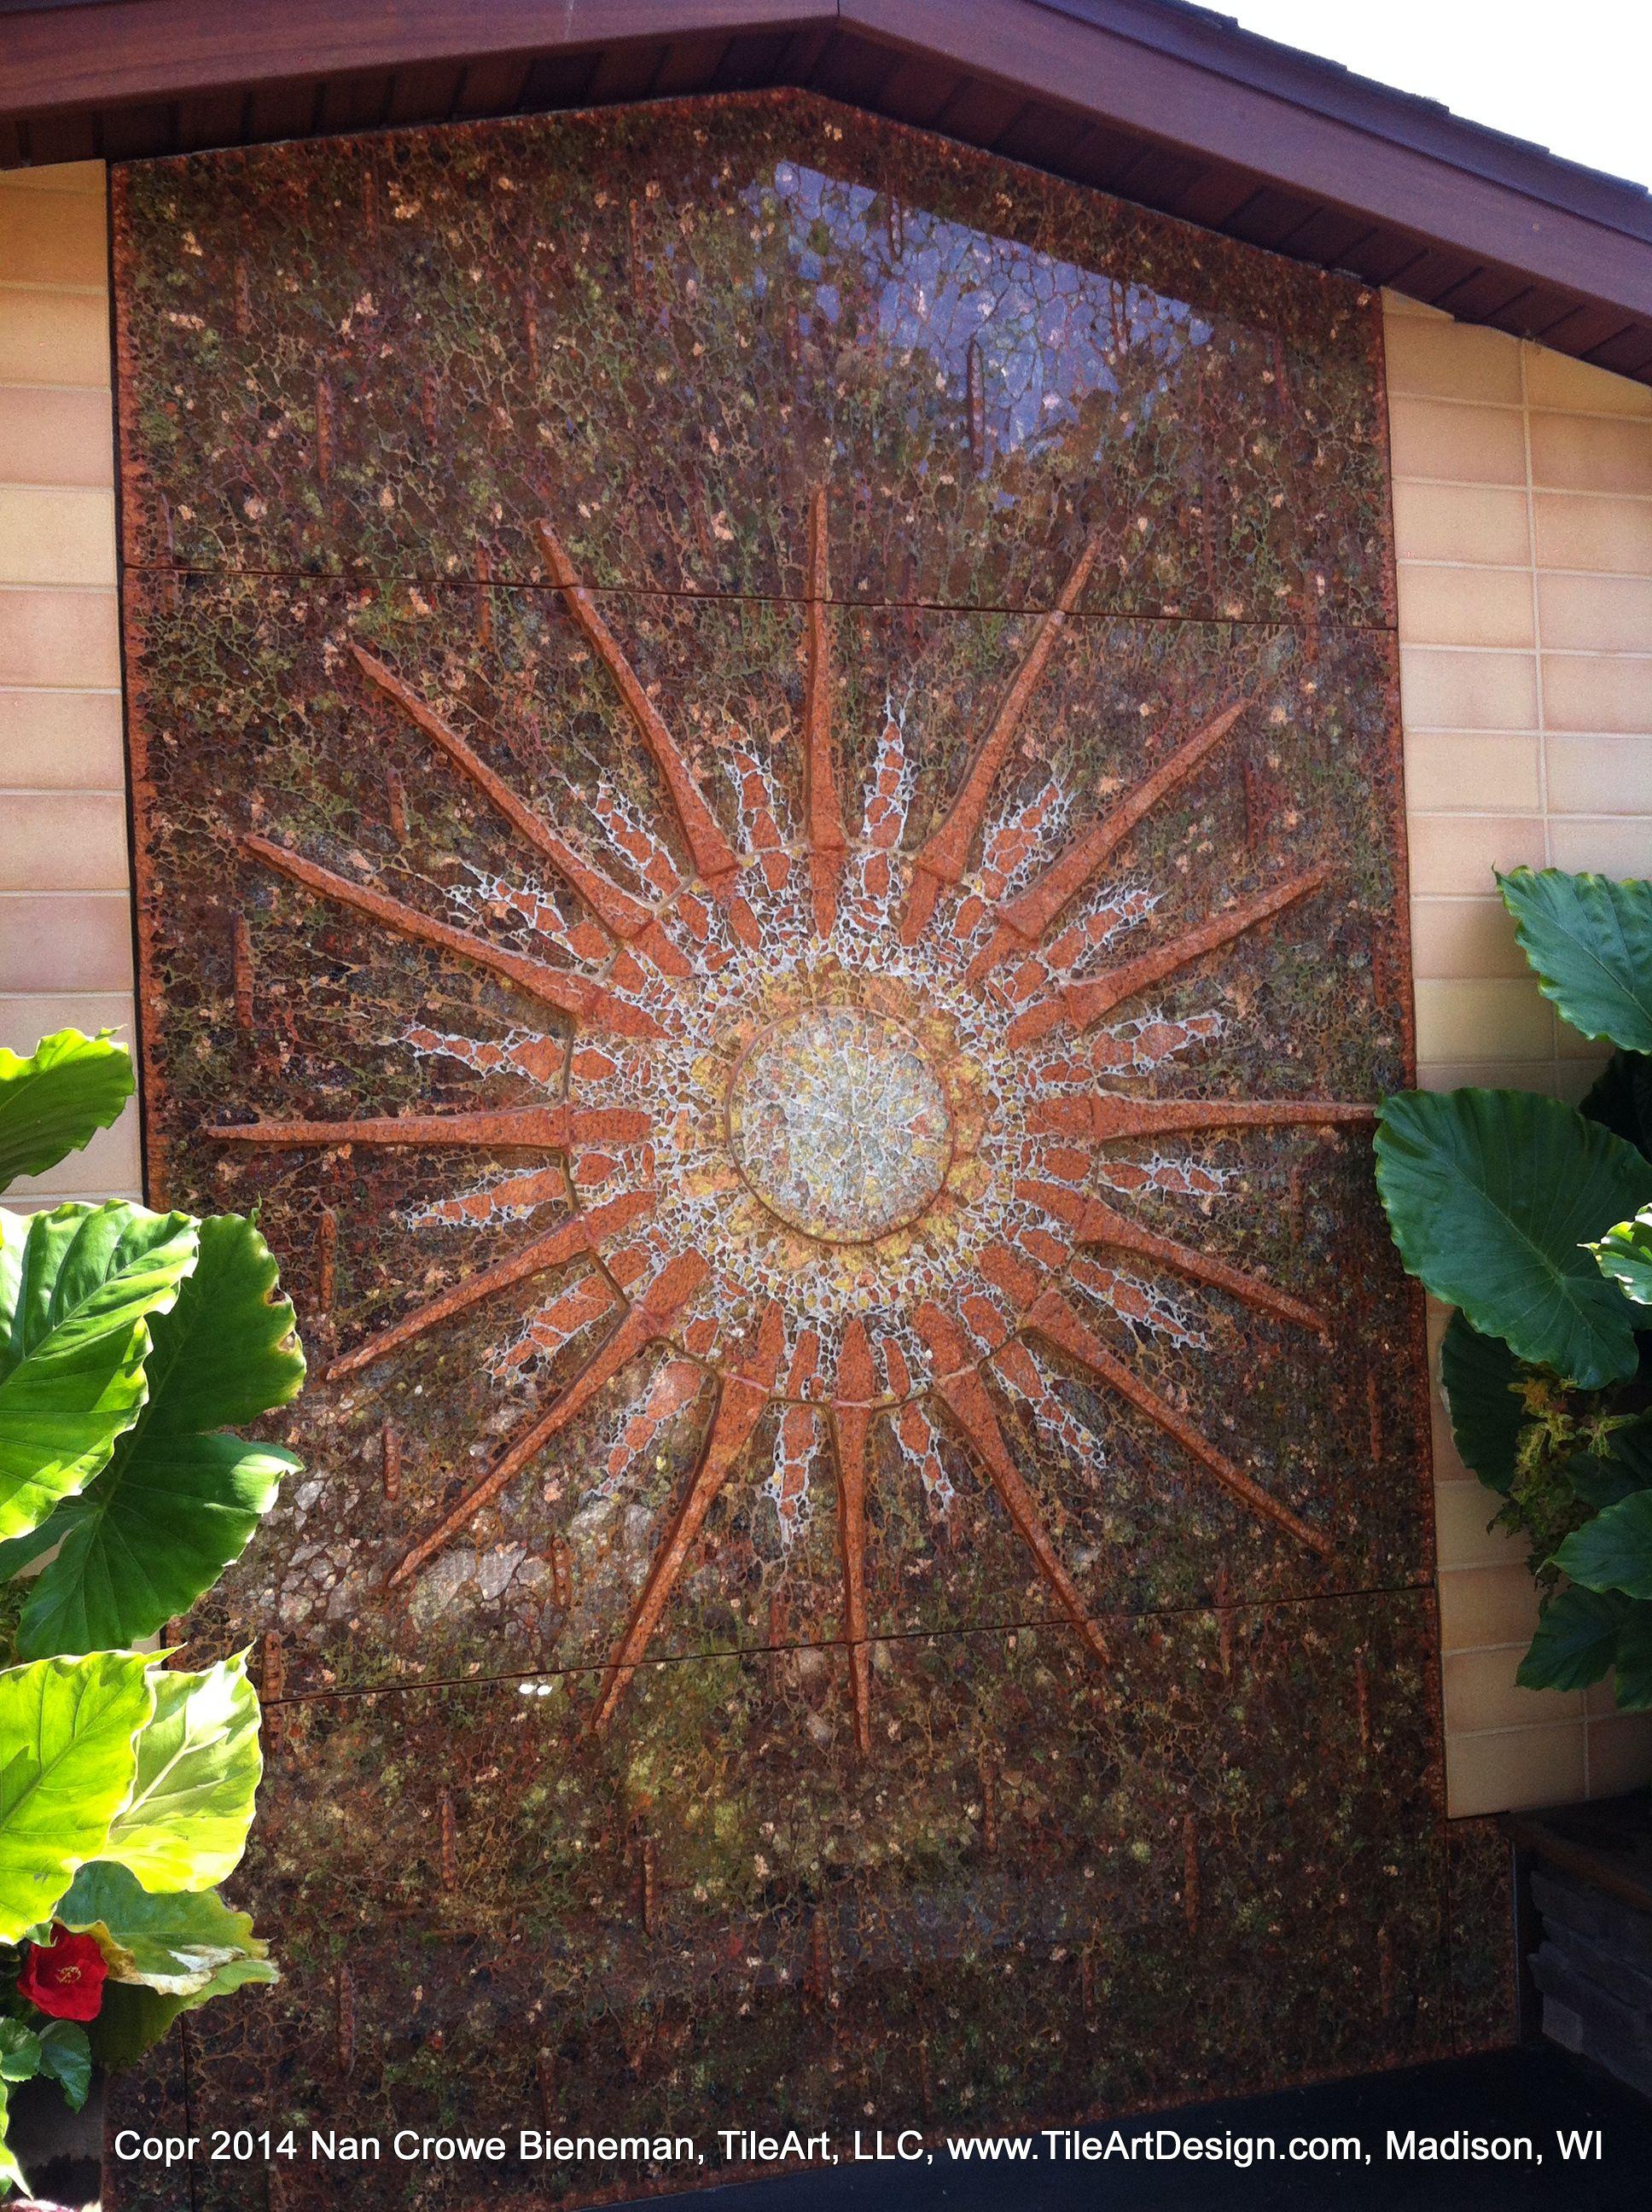 004-Glass mosaic feature_1830.jpg